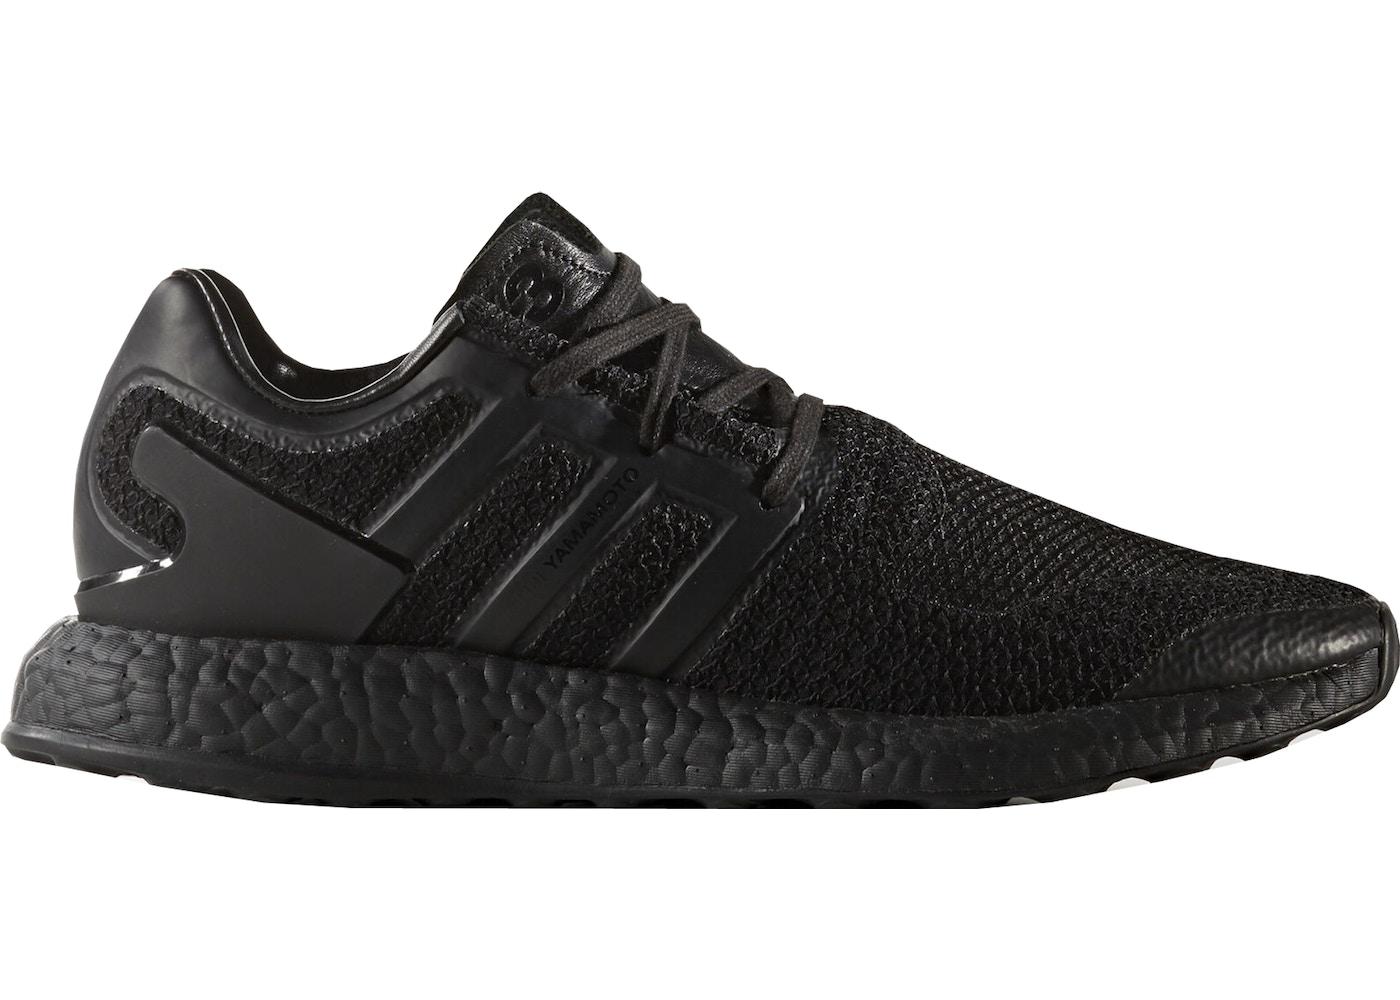 brand new 10342 a4b41 adidas Y-3 Pureboost Triple Black